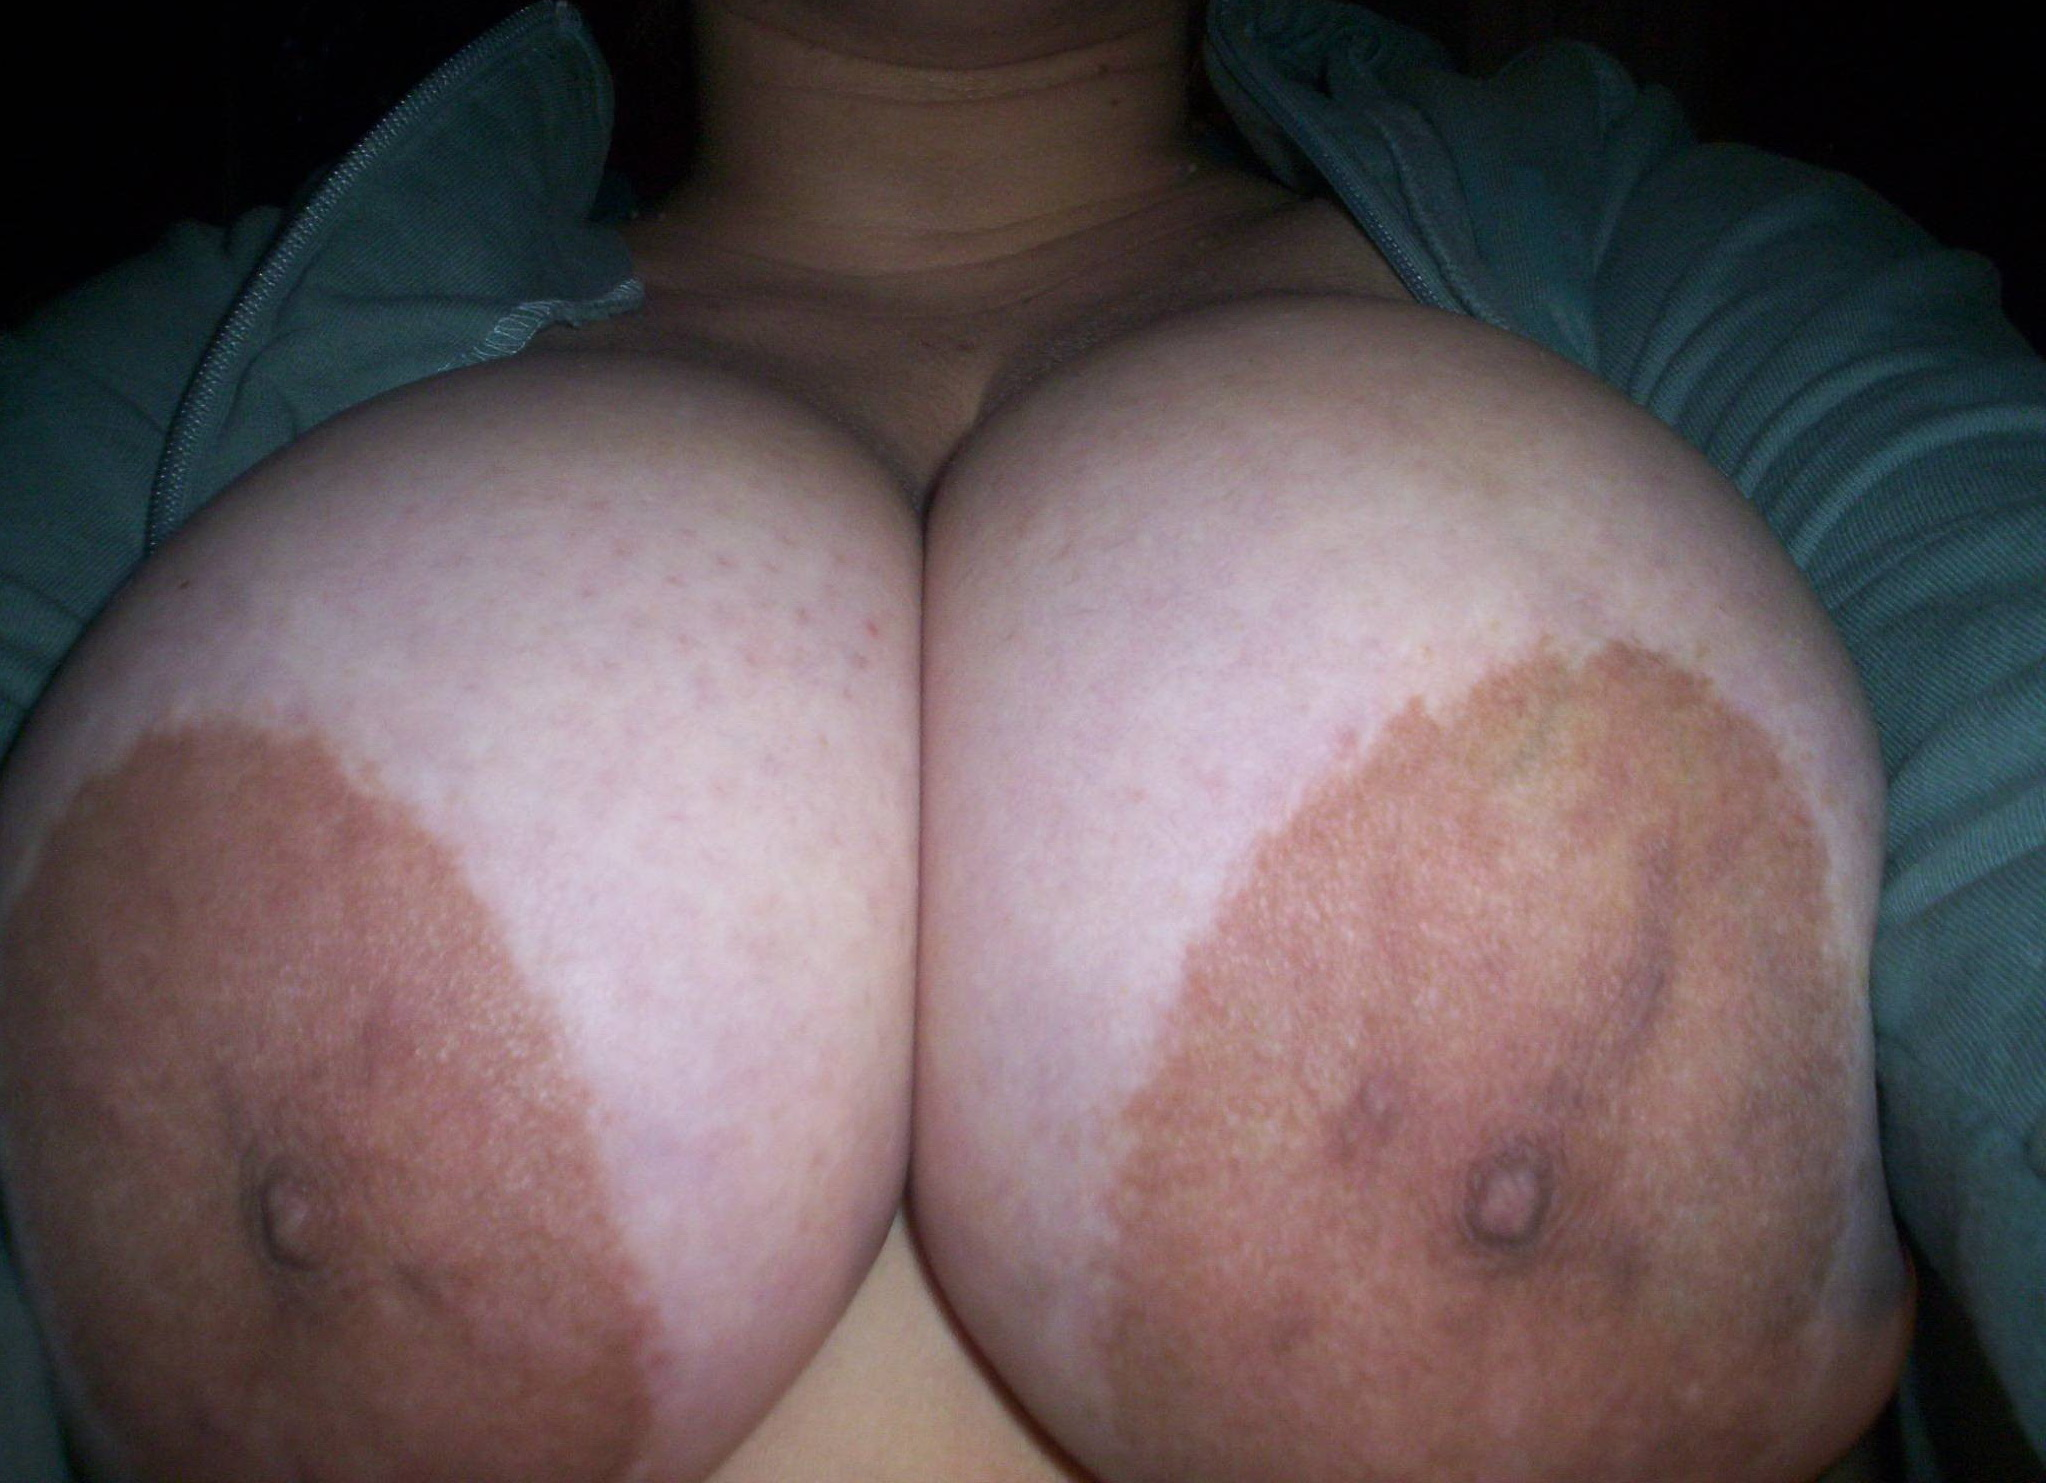 Фото ореолы женской груди, Фото больших сосков красивых девушек и взрослых дам 8 фотография